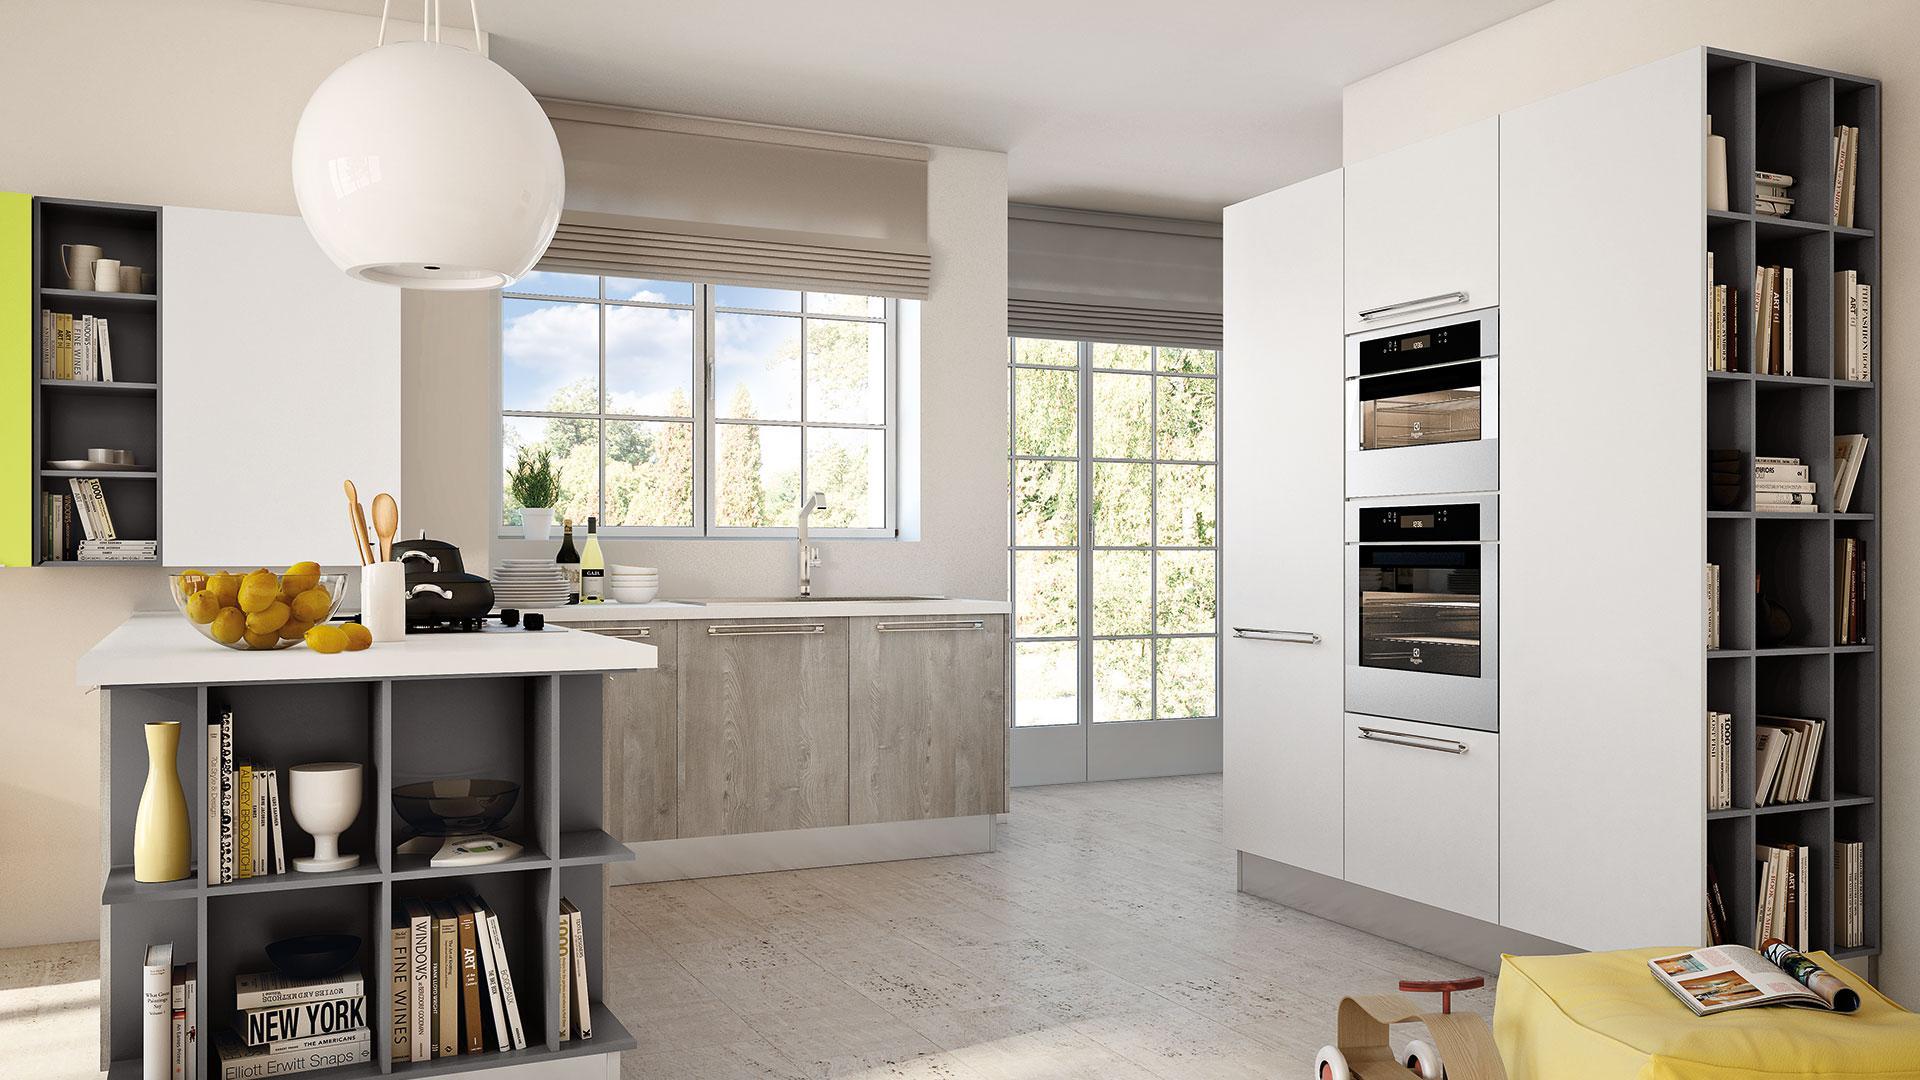 Cucine Lube Modell Swing. Helle Küche mit weißen Hochschränken und Bücherregalen.